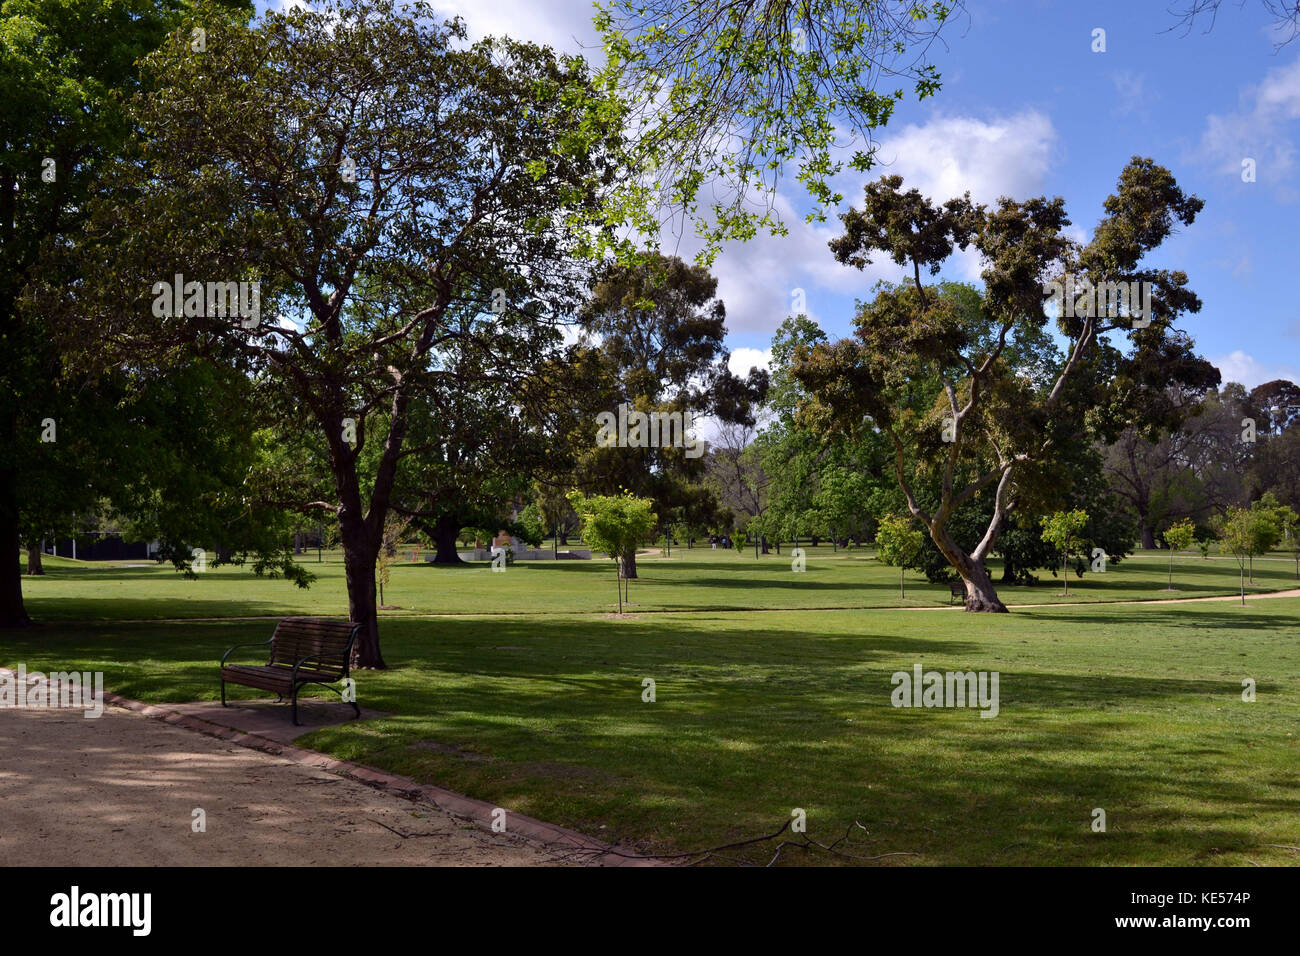 The view around Royal Botanic Garden, Melbourne, Australia. Pic was taken in September 2016. Stock Photo